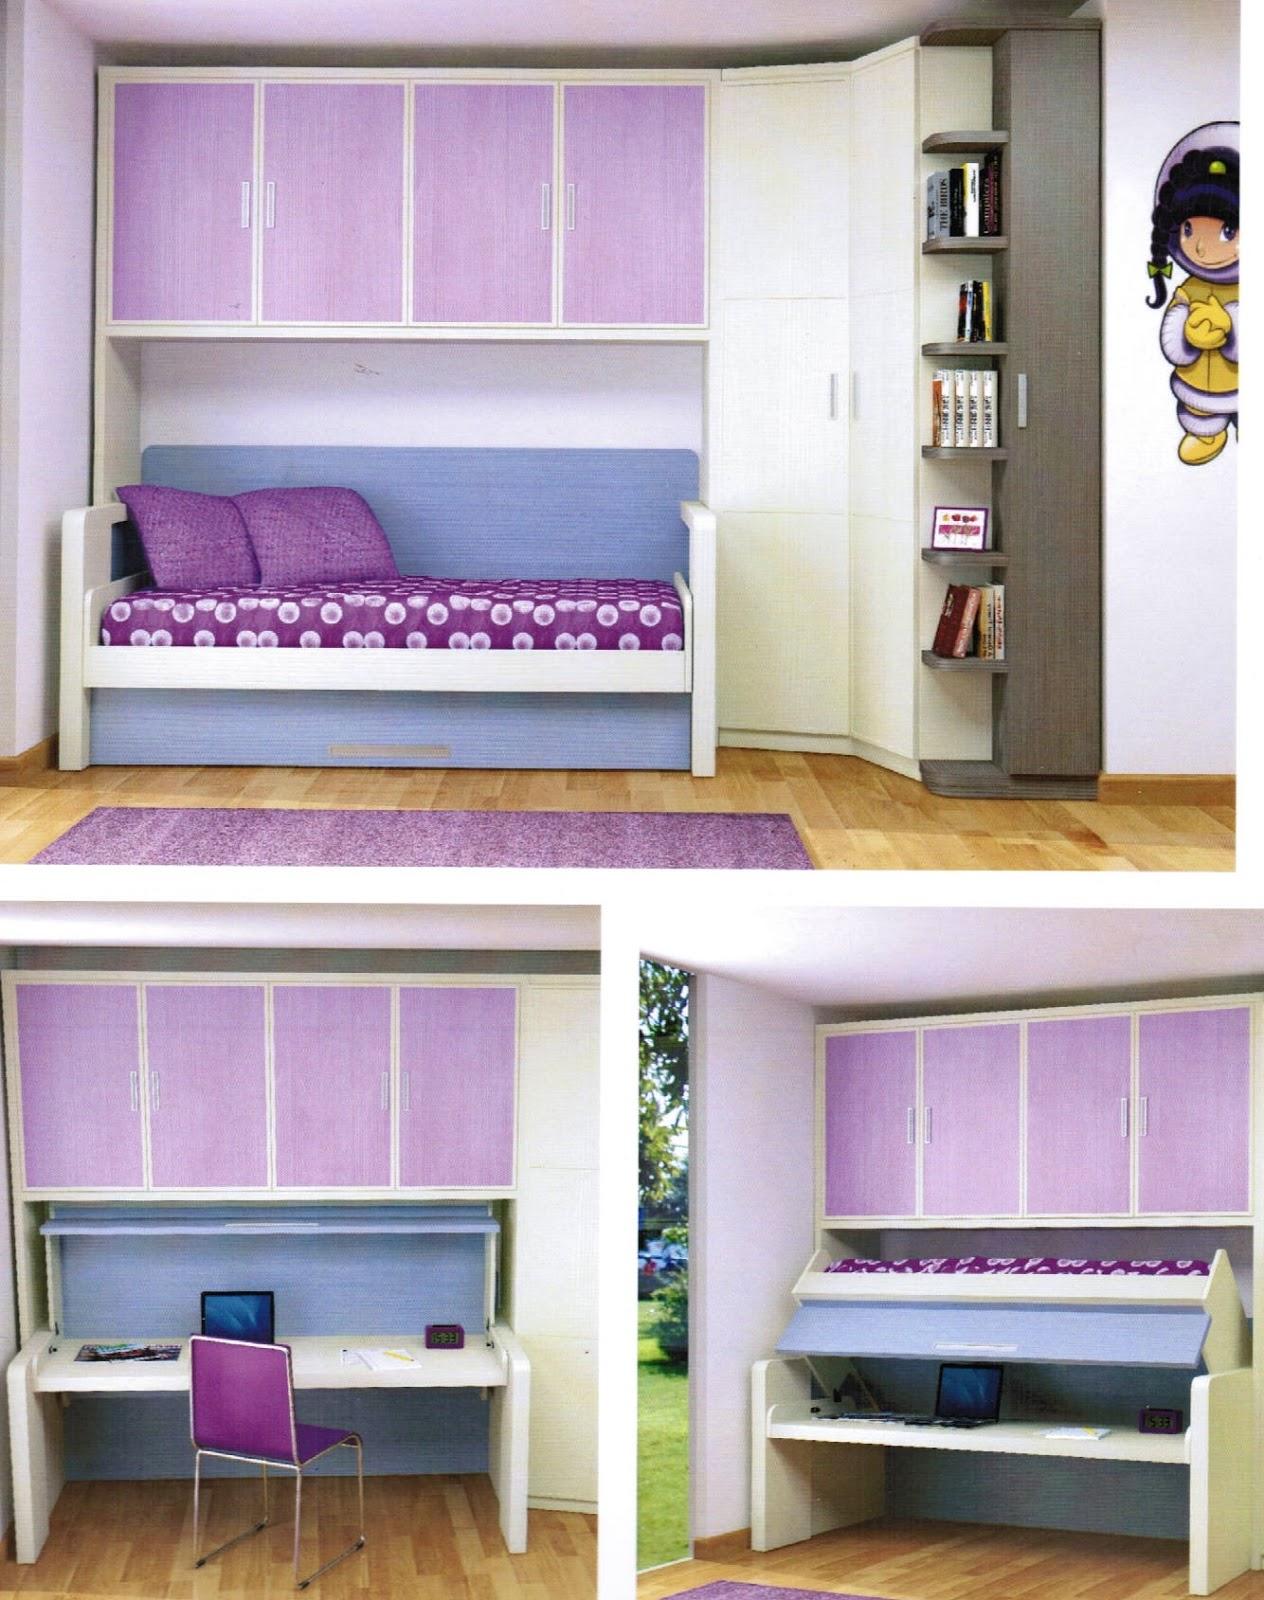 Camas Abatibles En Madrid Camas Abatibles Toledo Enero 2012 # Muebles Multifuncionales Para Espacios Pequenos